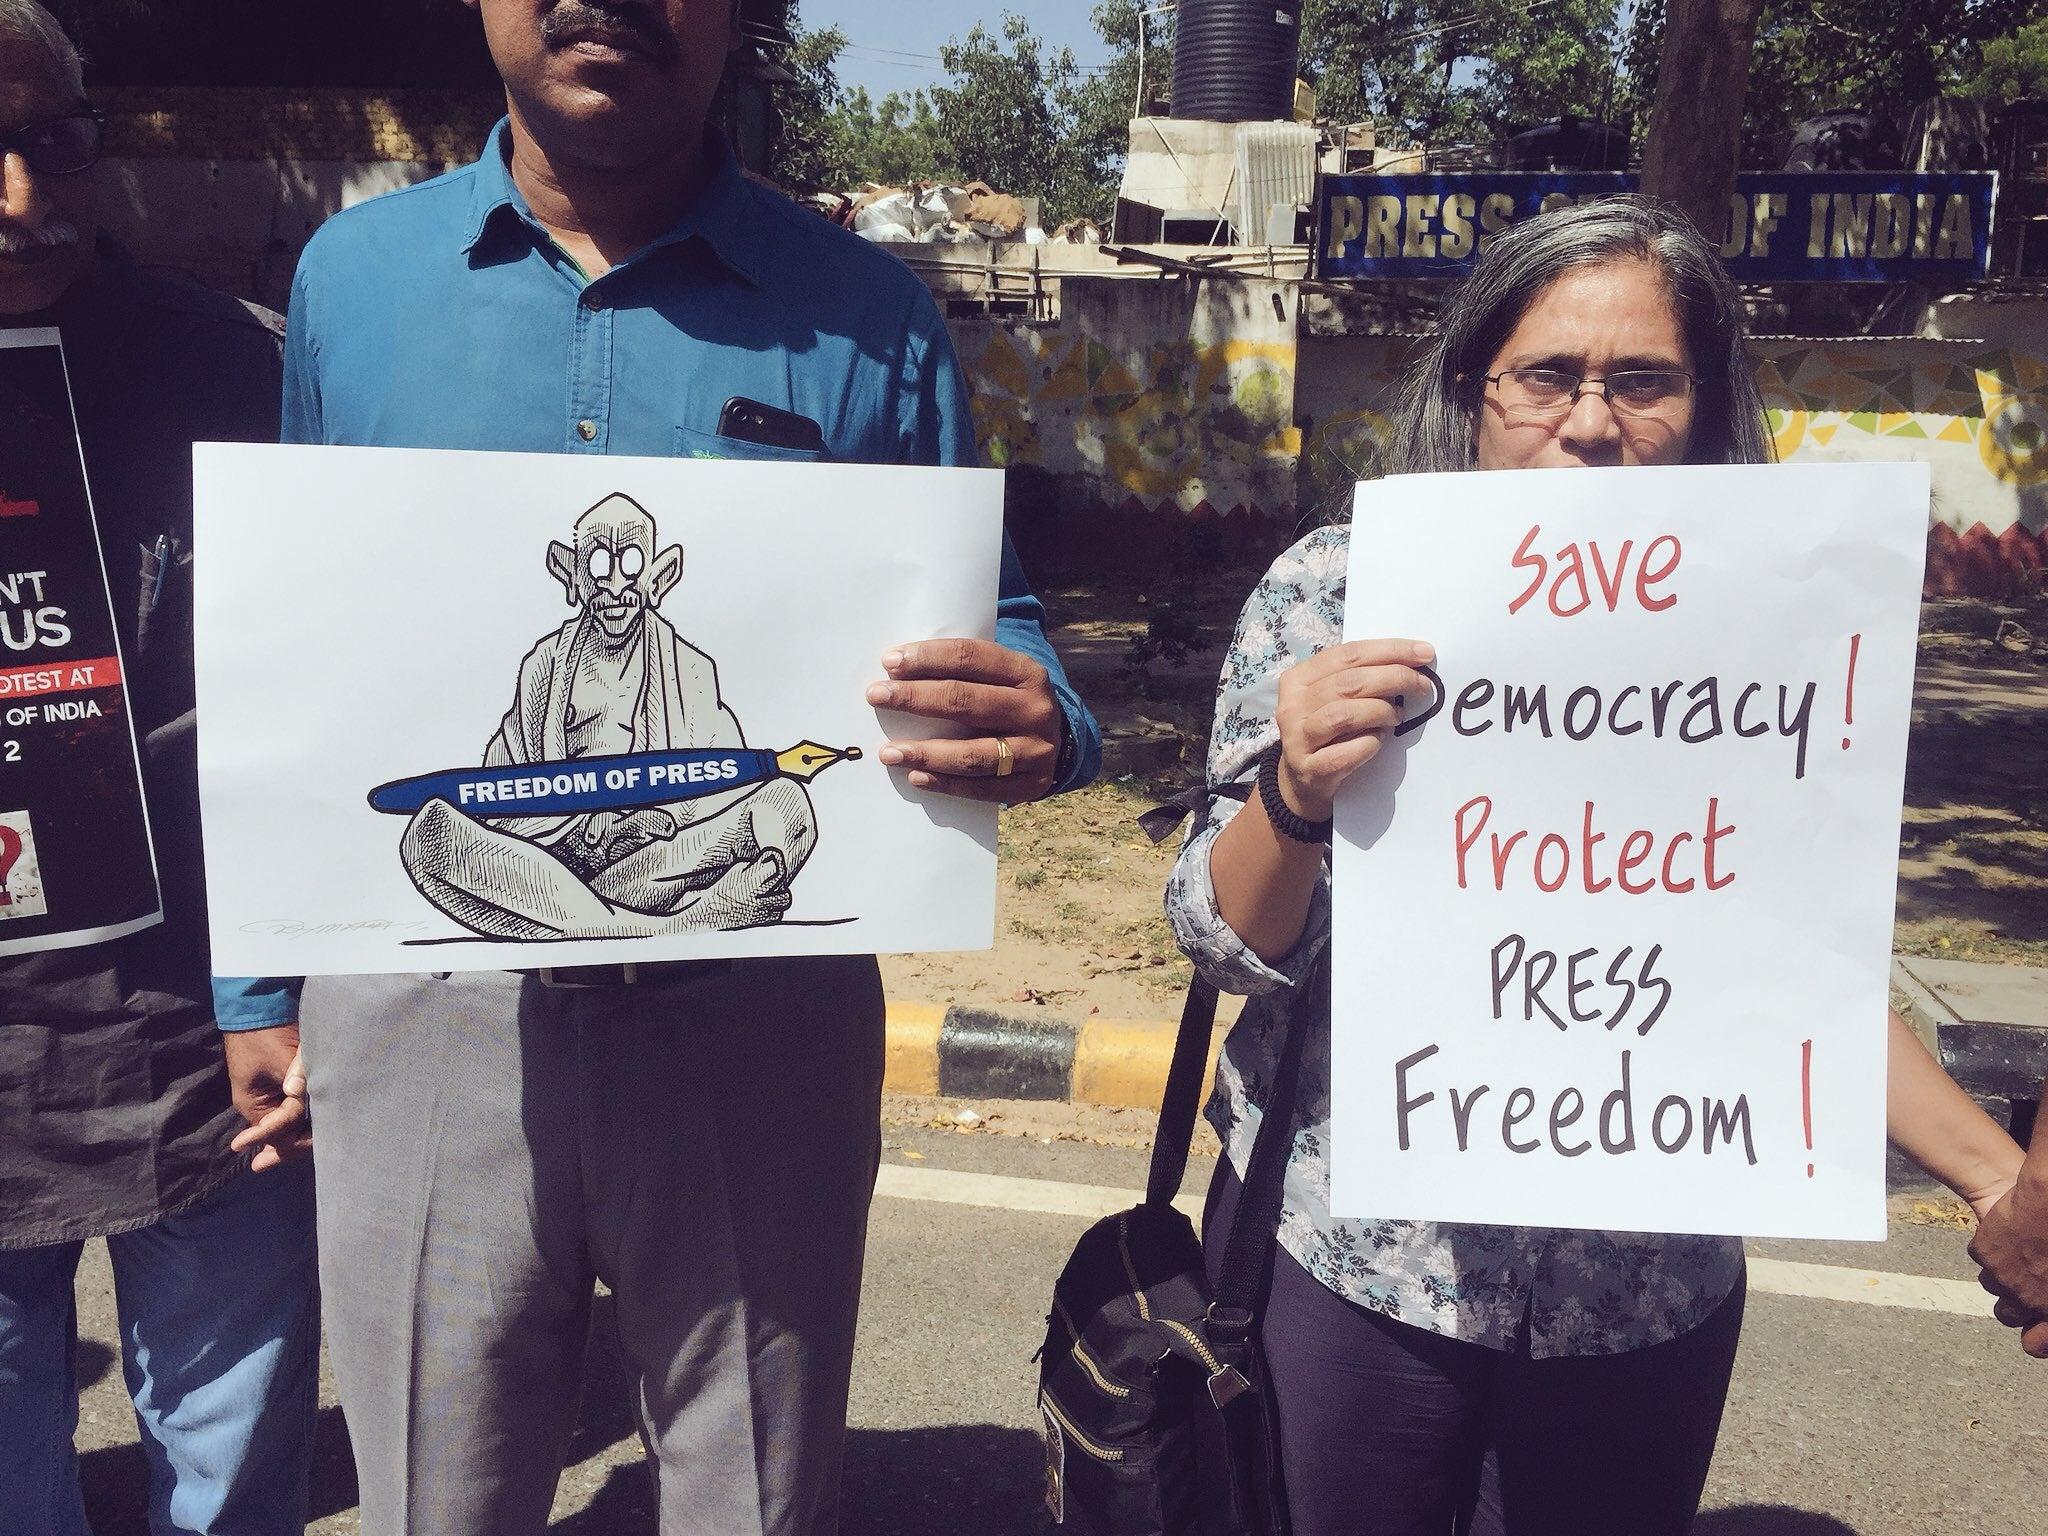 فوٹو: کرنیکا کوہلی/دی وائر